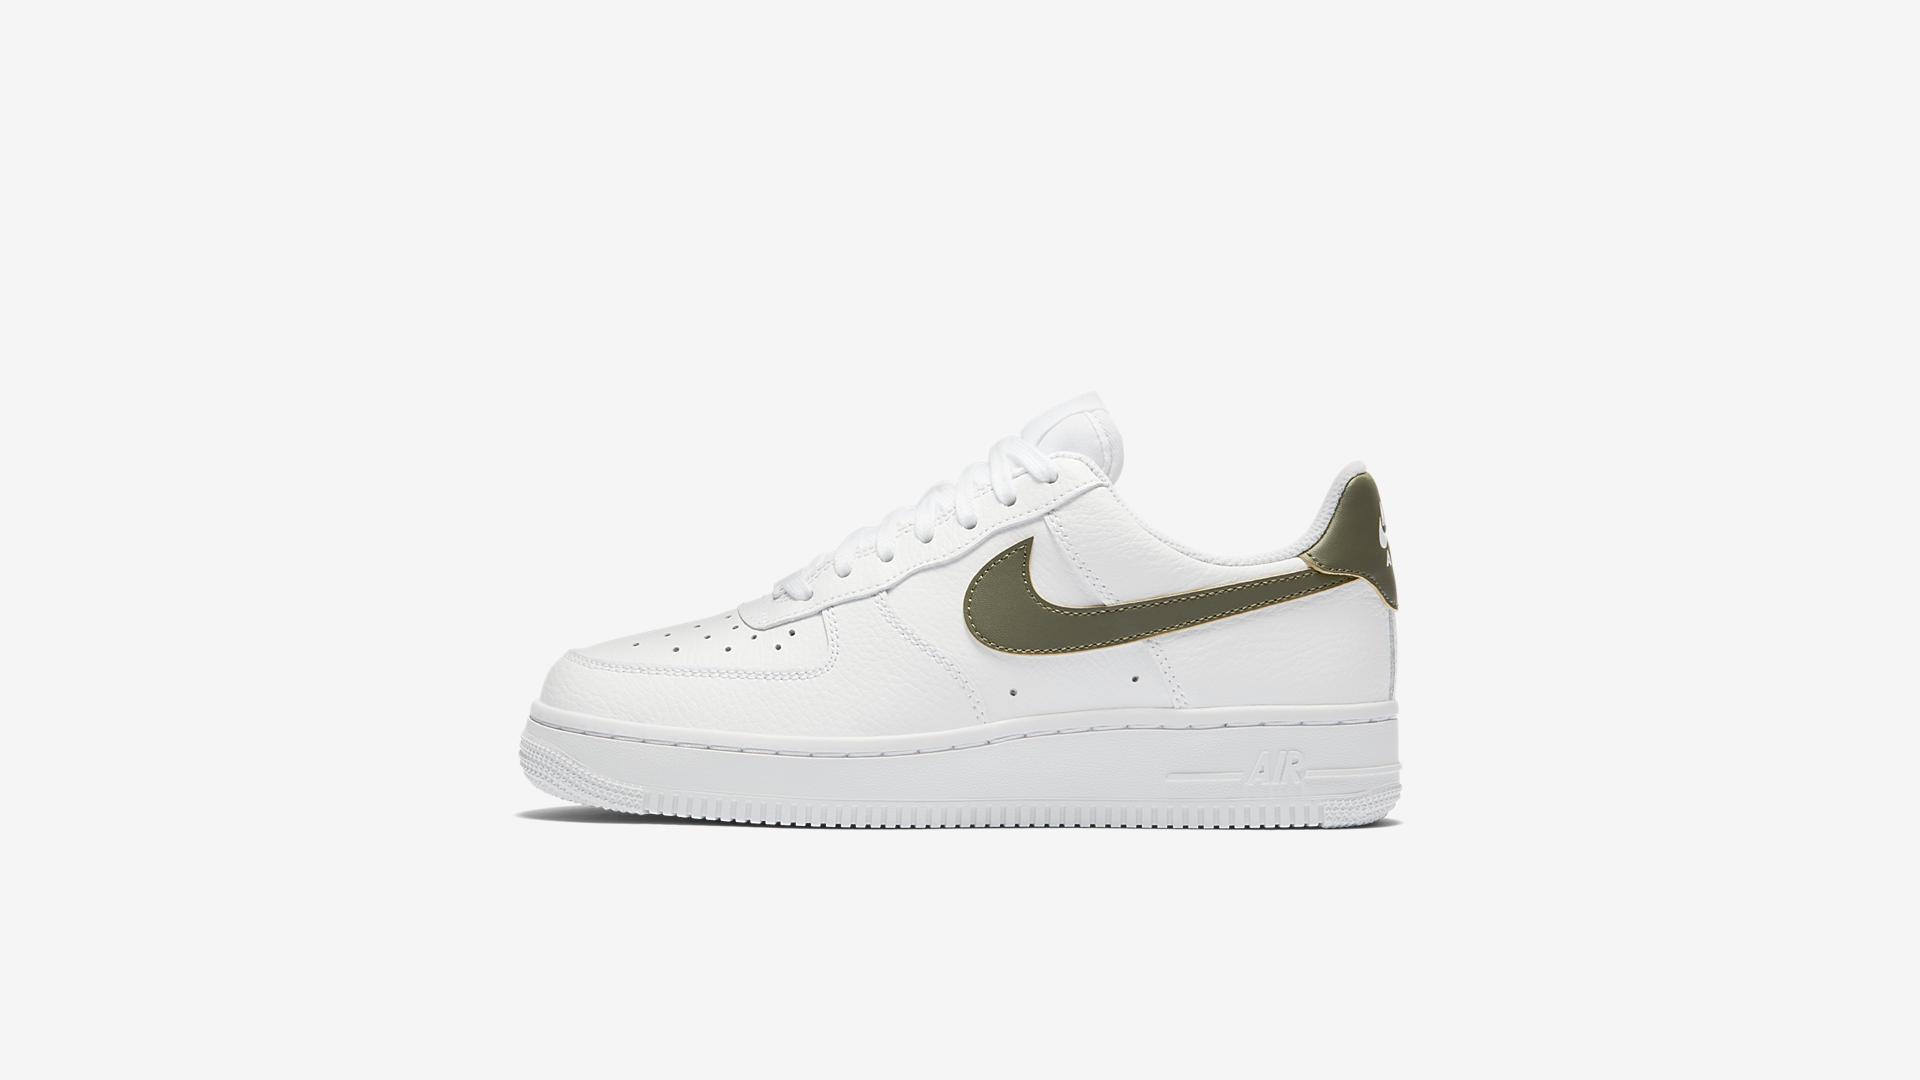 Nike Air Force 1 '07 White/Medium Olive (AV5190-100)